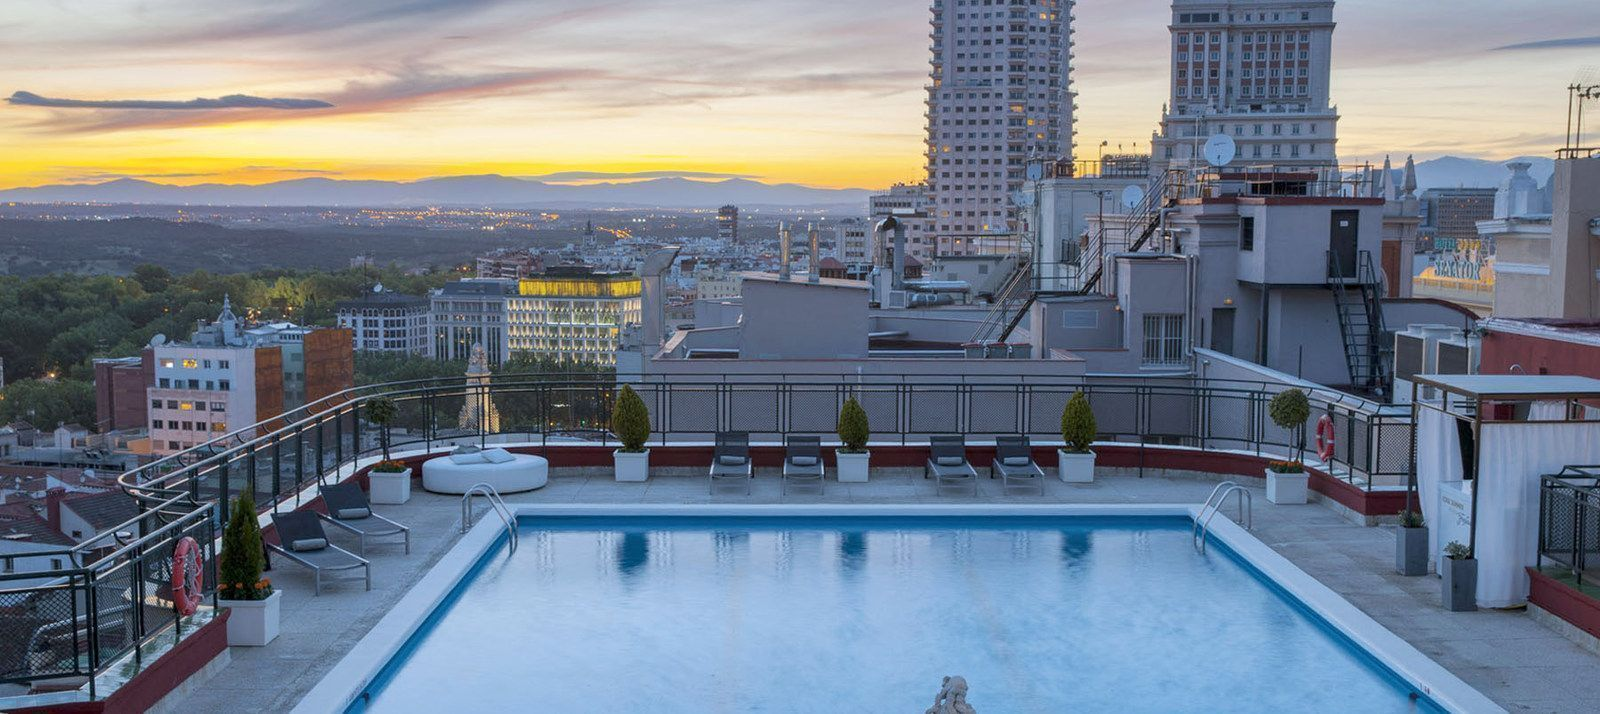 El Hotel Emperador llega a 200000 clientes potenciales